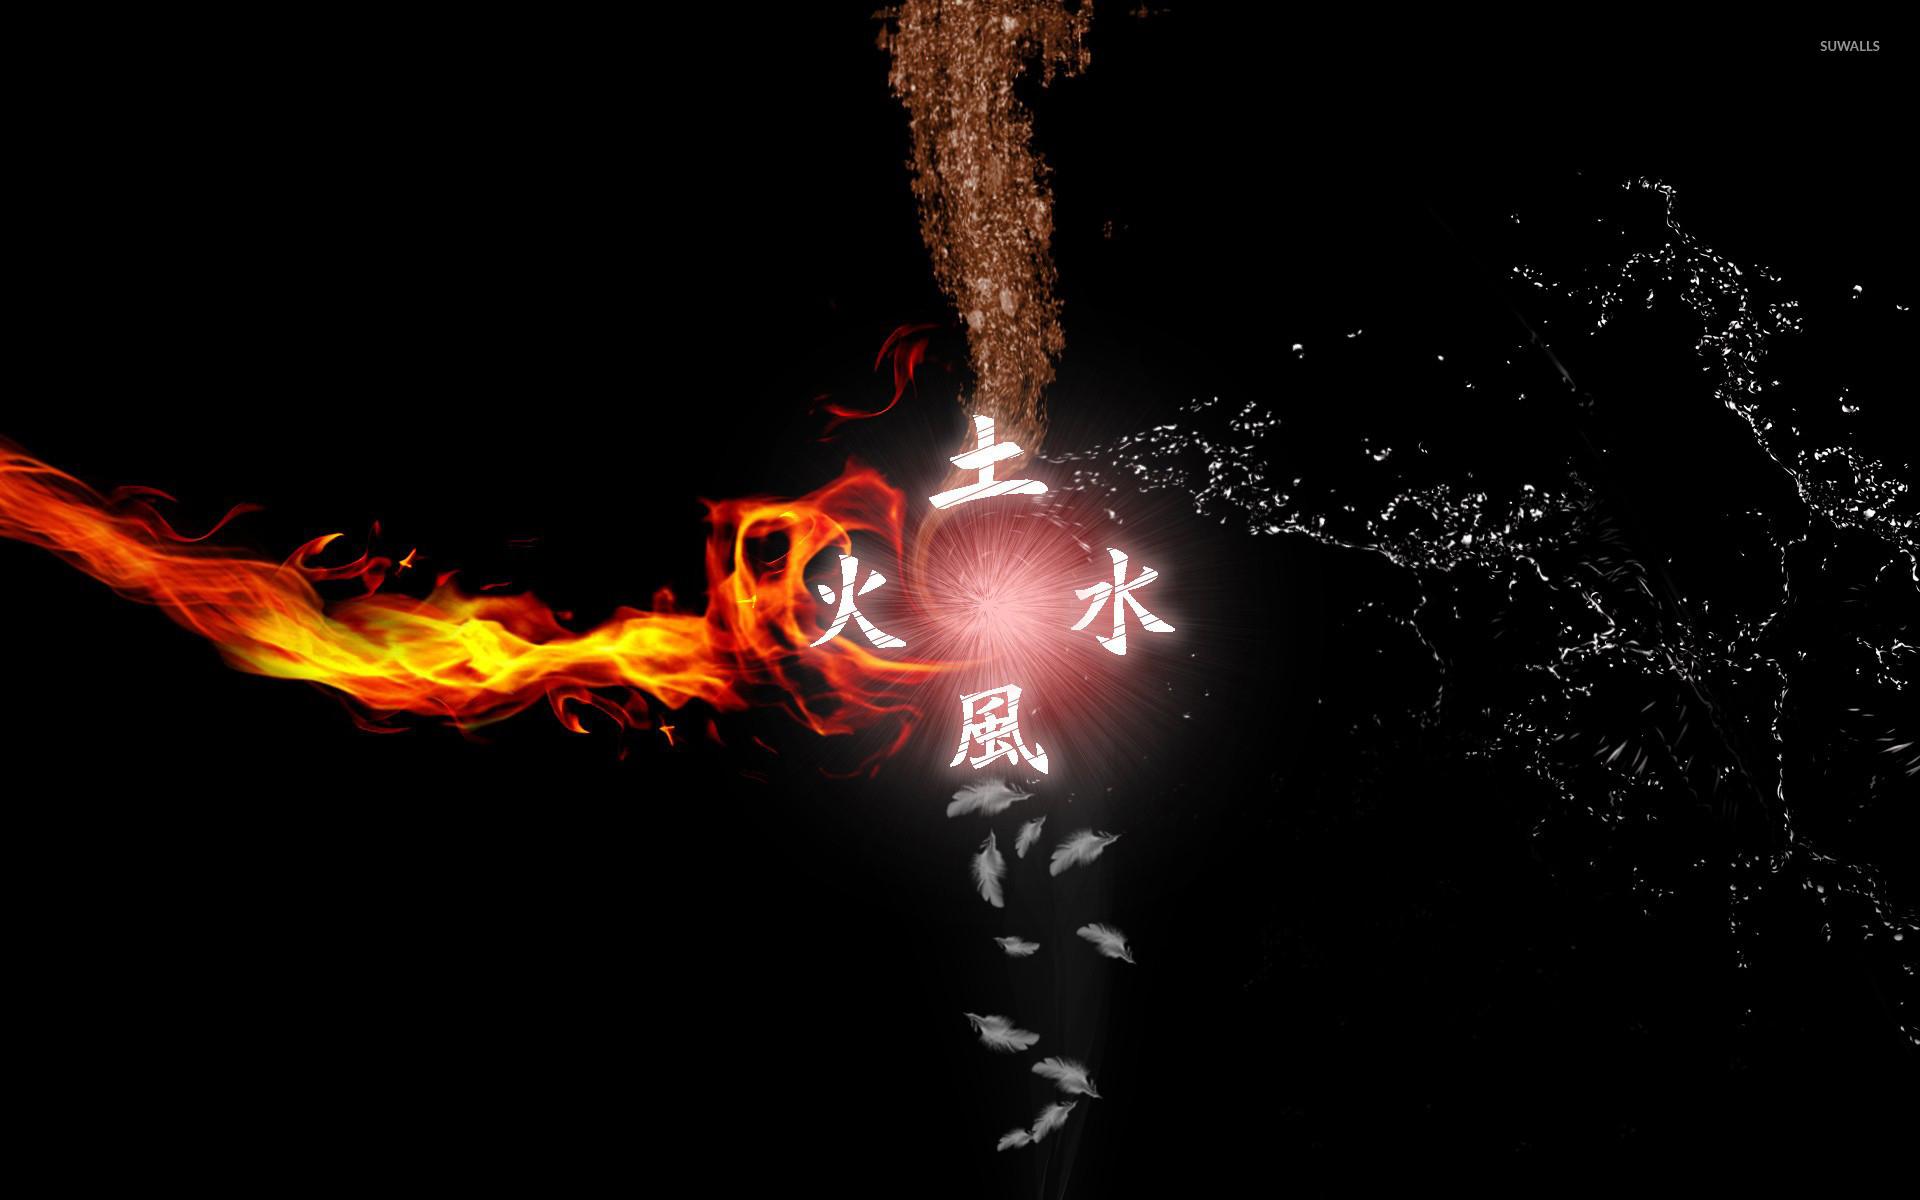 Avatar: The Legend of Korra wallpaper jpg